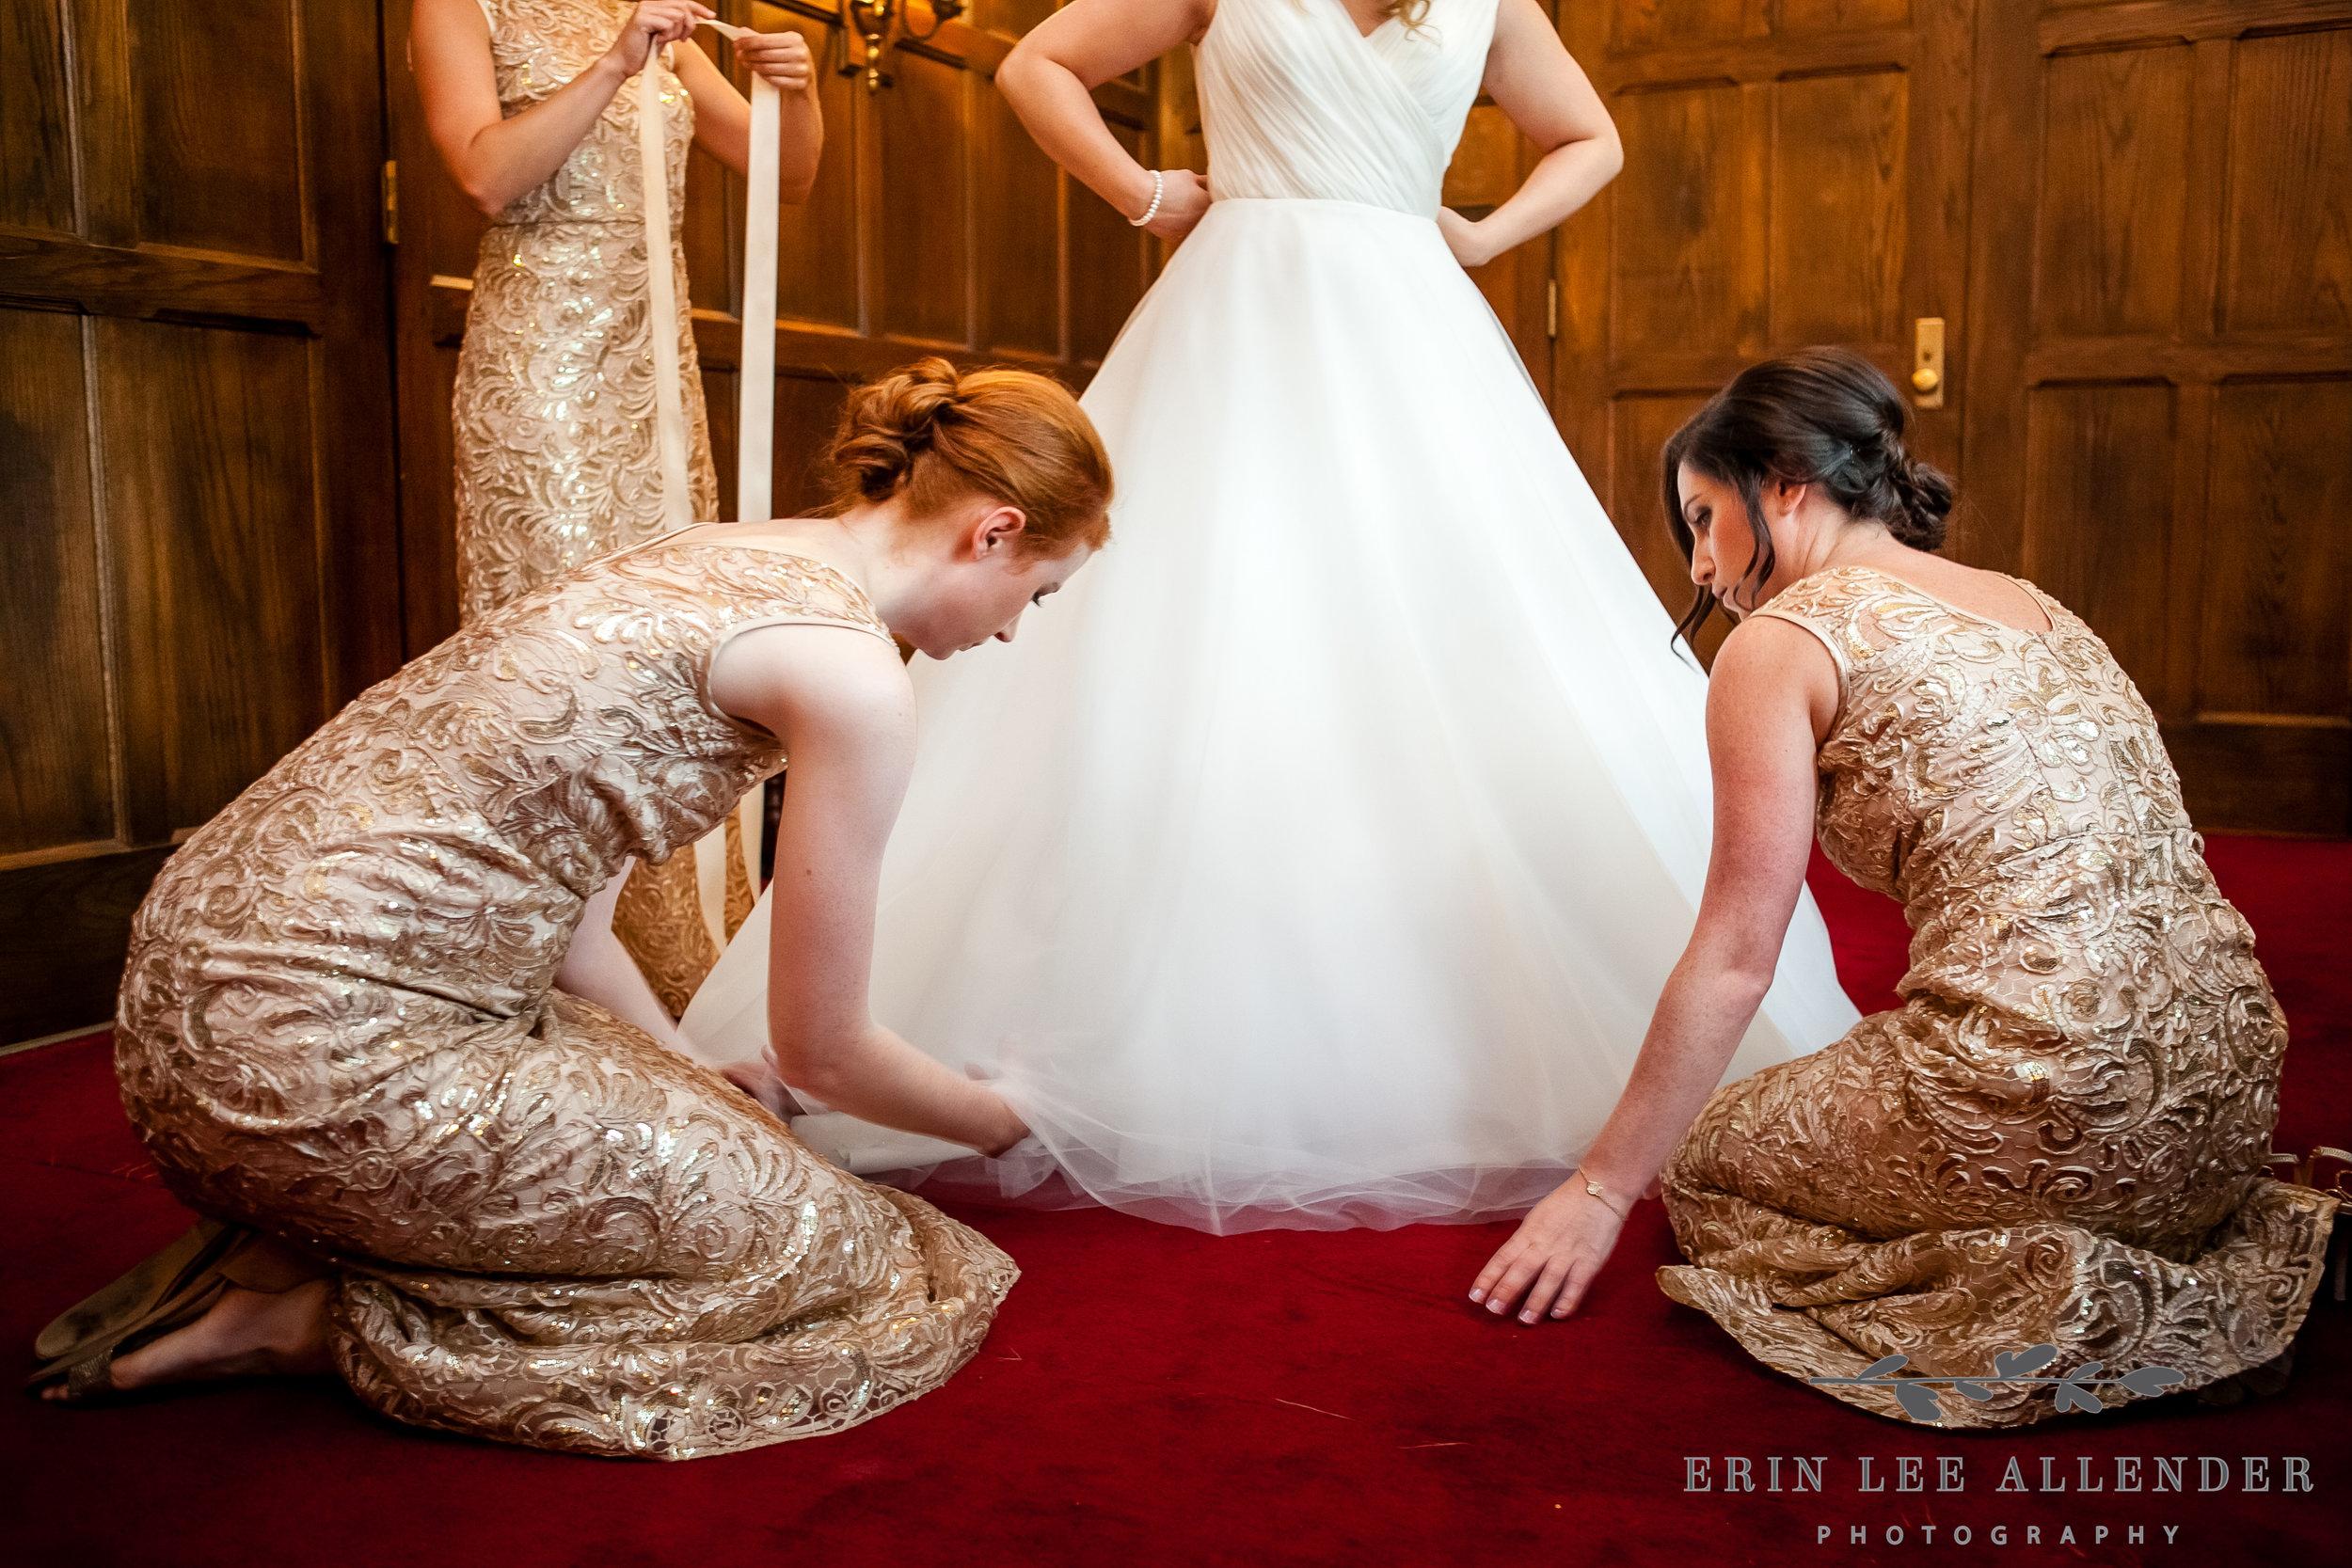 Bridesmaids_Help_Bride_Into_Wedding_Dress